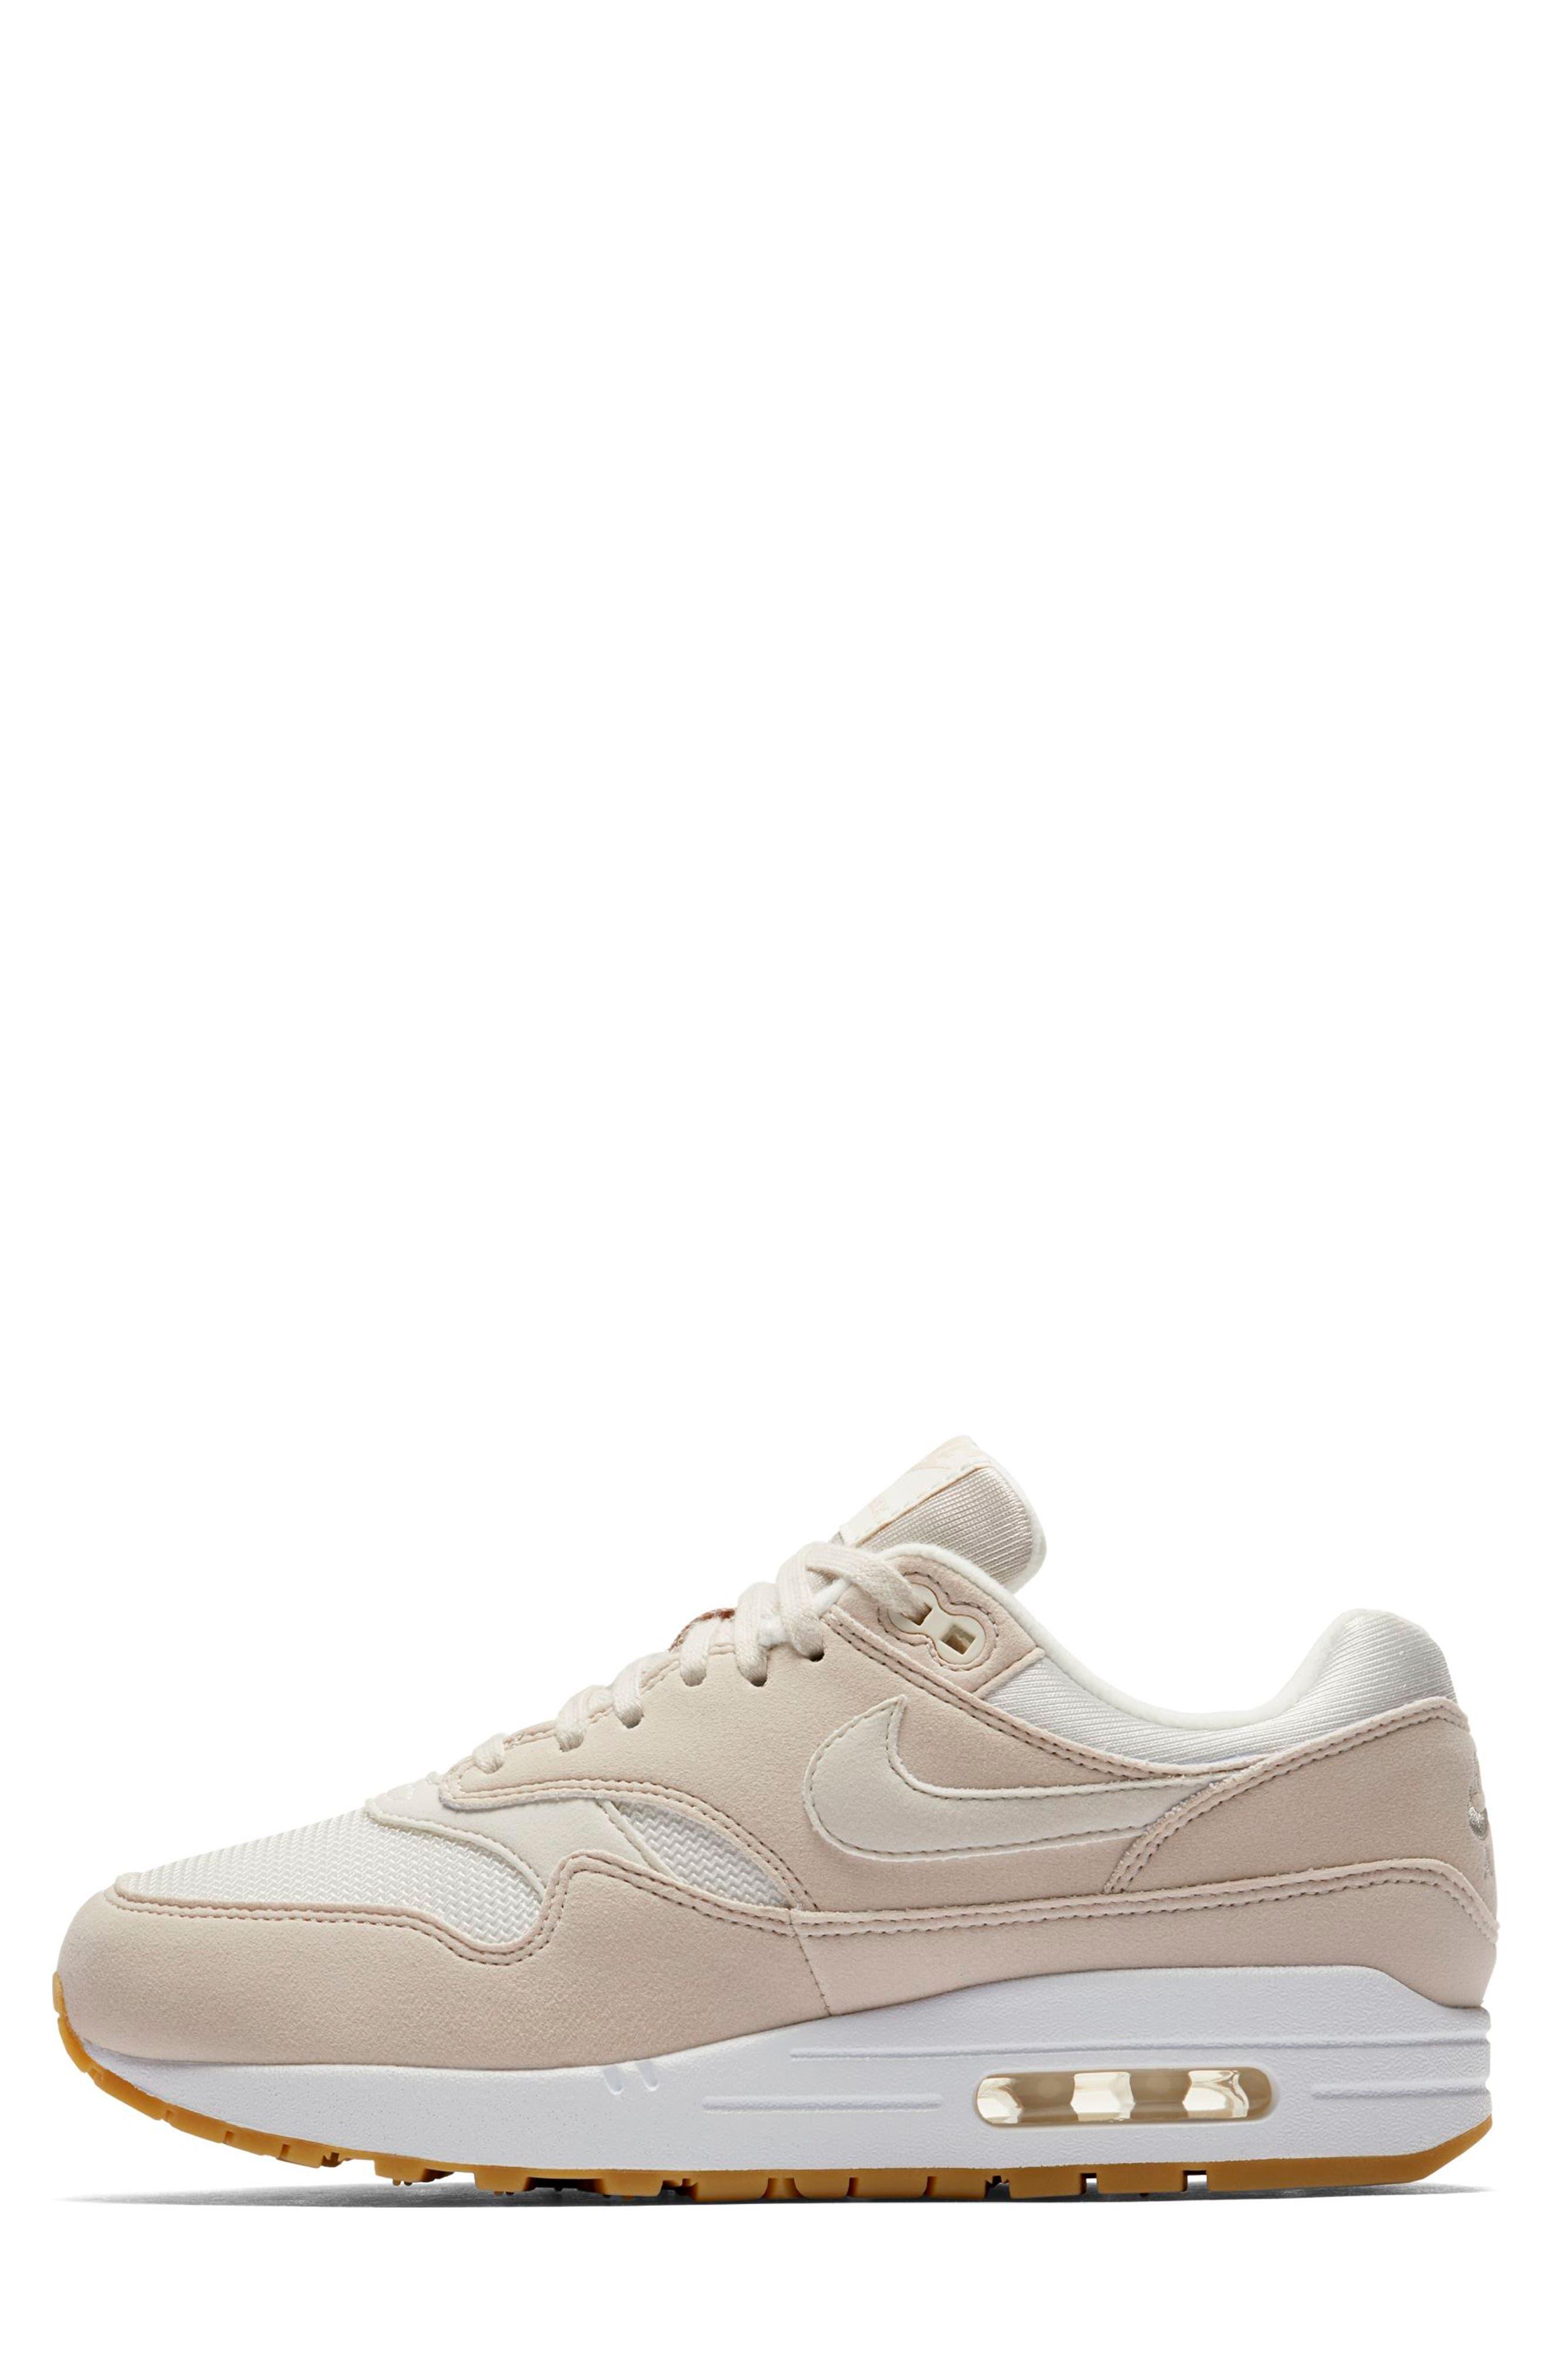 Air Max 1 Sneaker,                             Alternate thumbnail 3, color,                             DESERT SAND